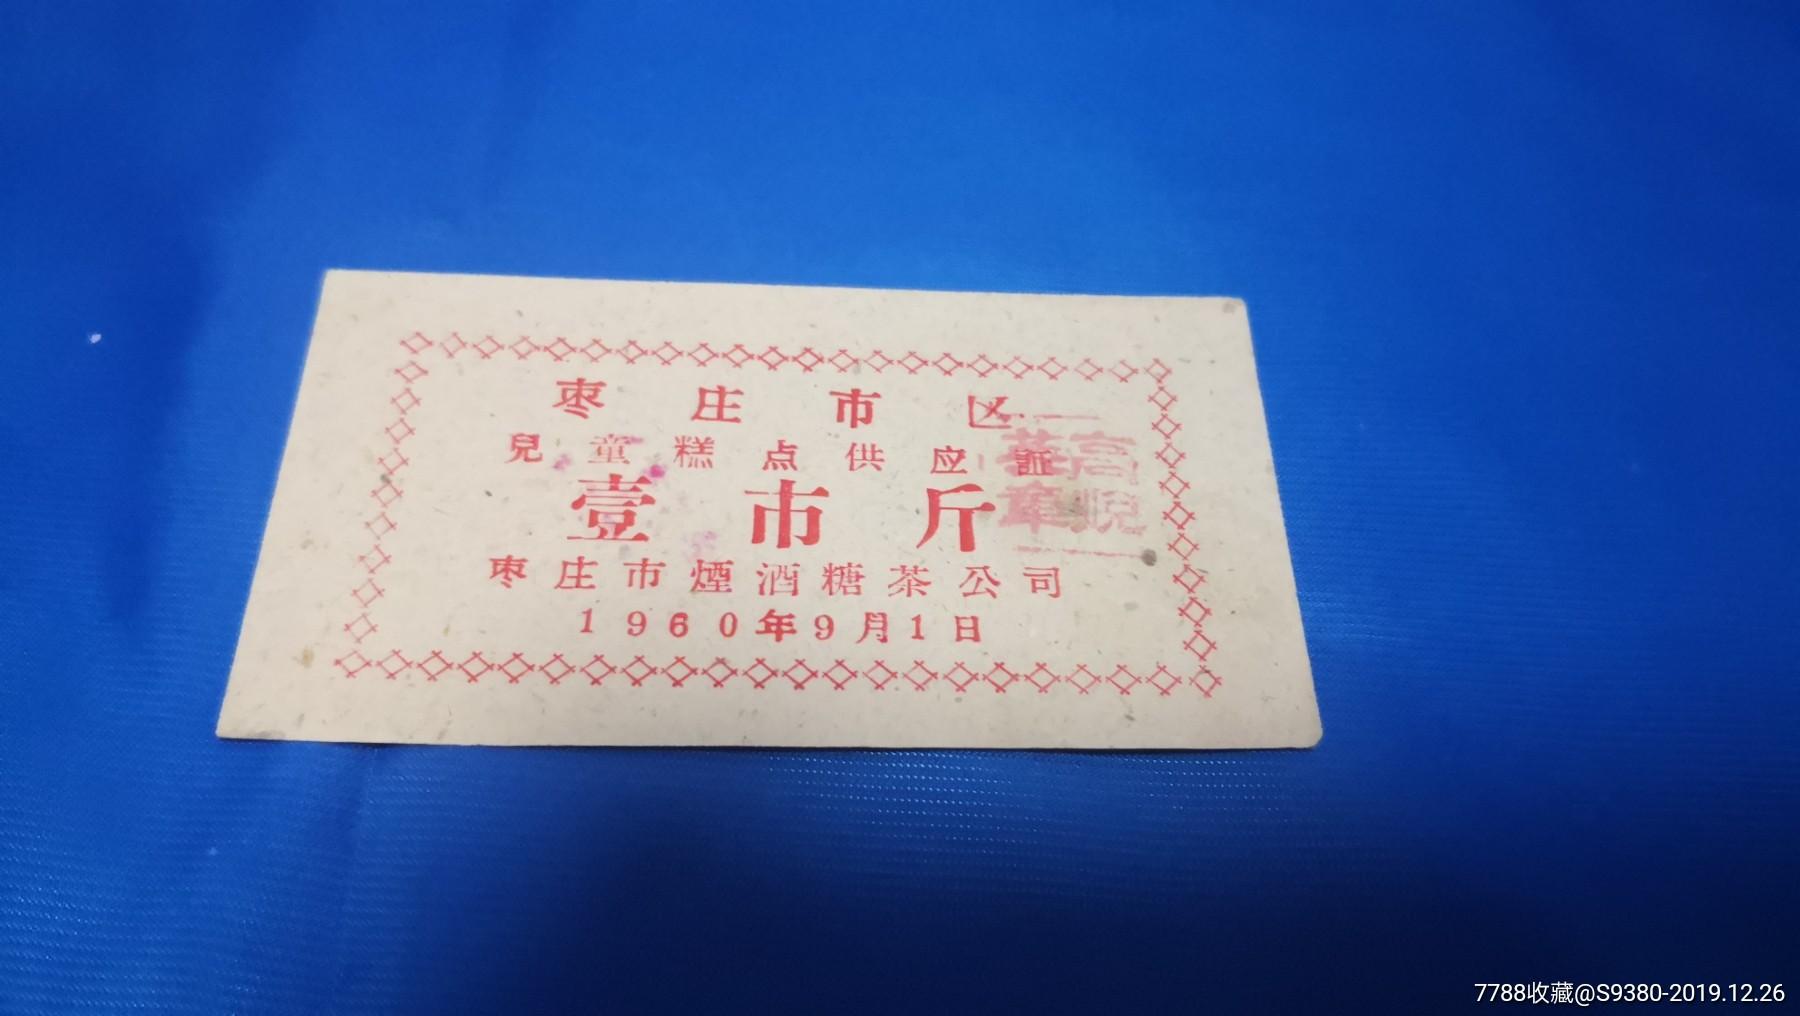 山东枣庄儿童糕点供应证(au22003112)_